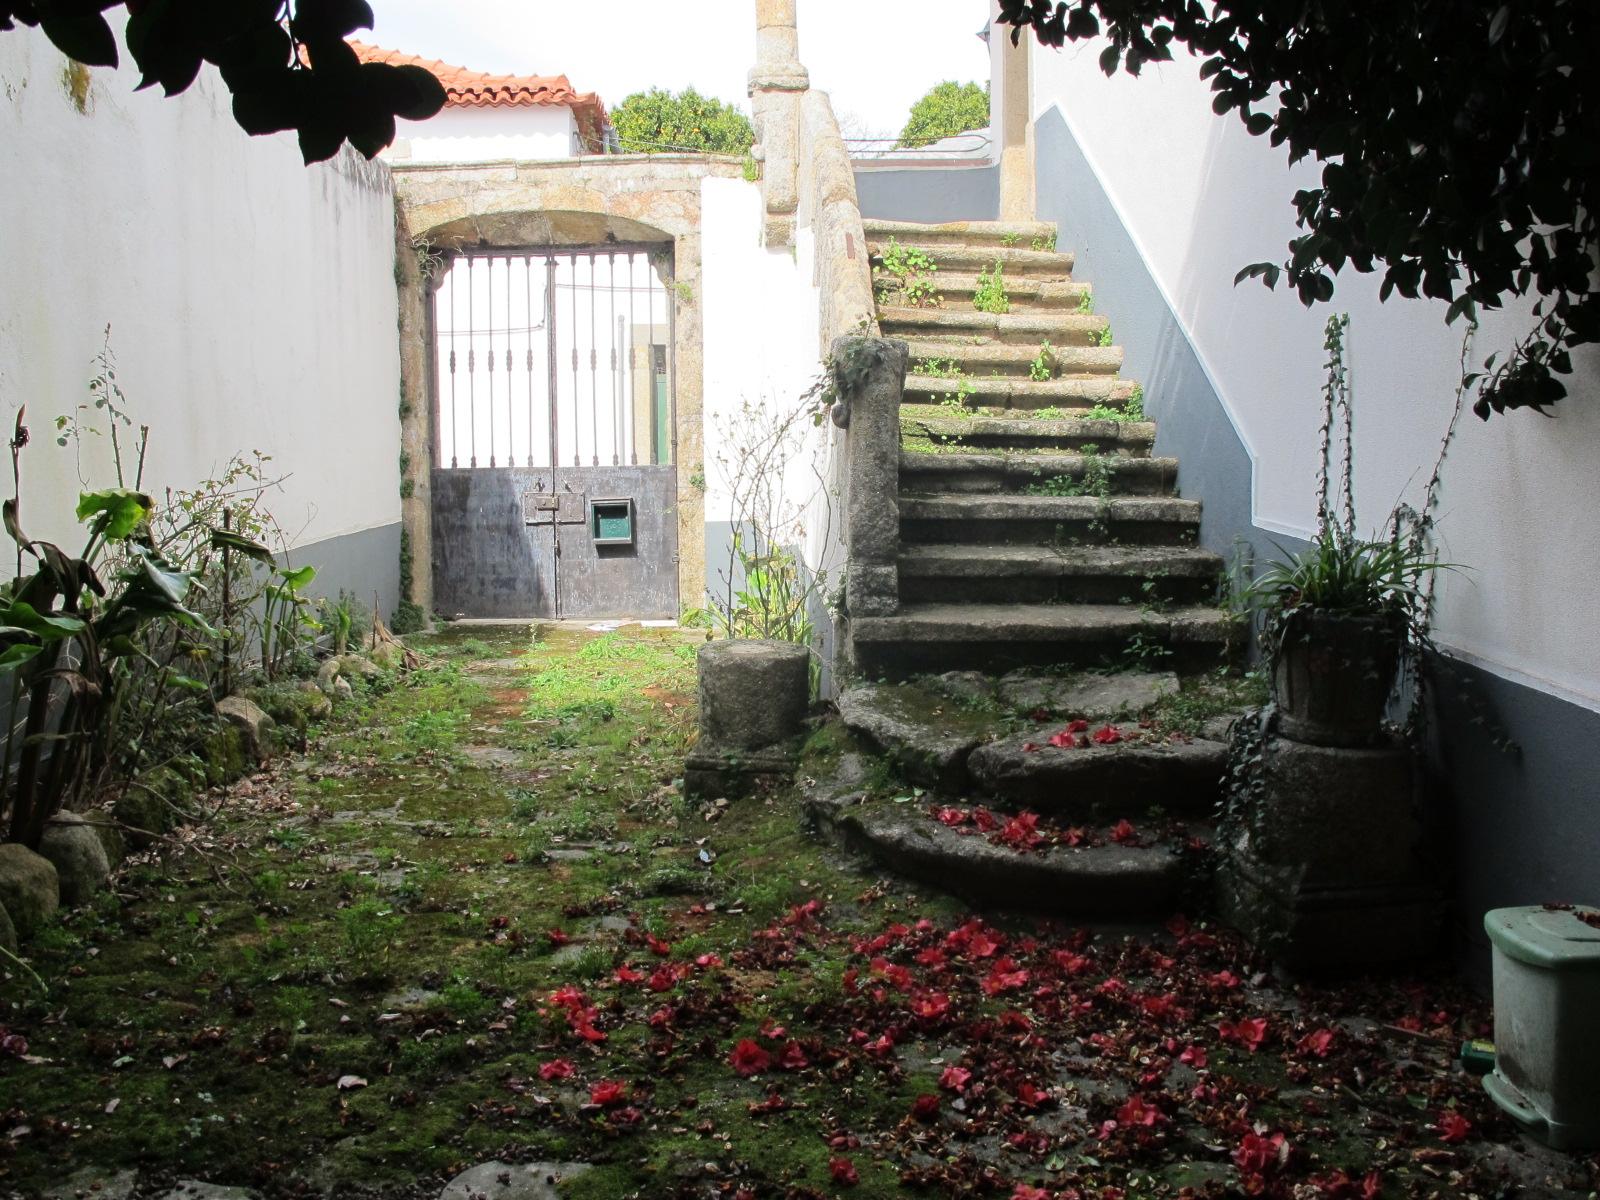 vente maison de campagne pedr g o grande leiria portugal rua rica. Black Bedroom Furniture Sets. Home Design Ideas